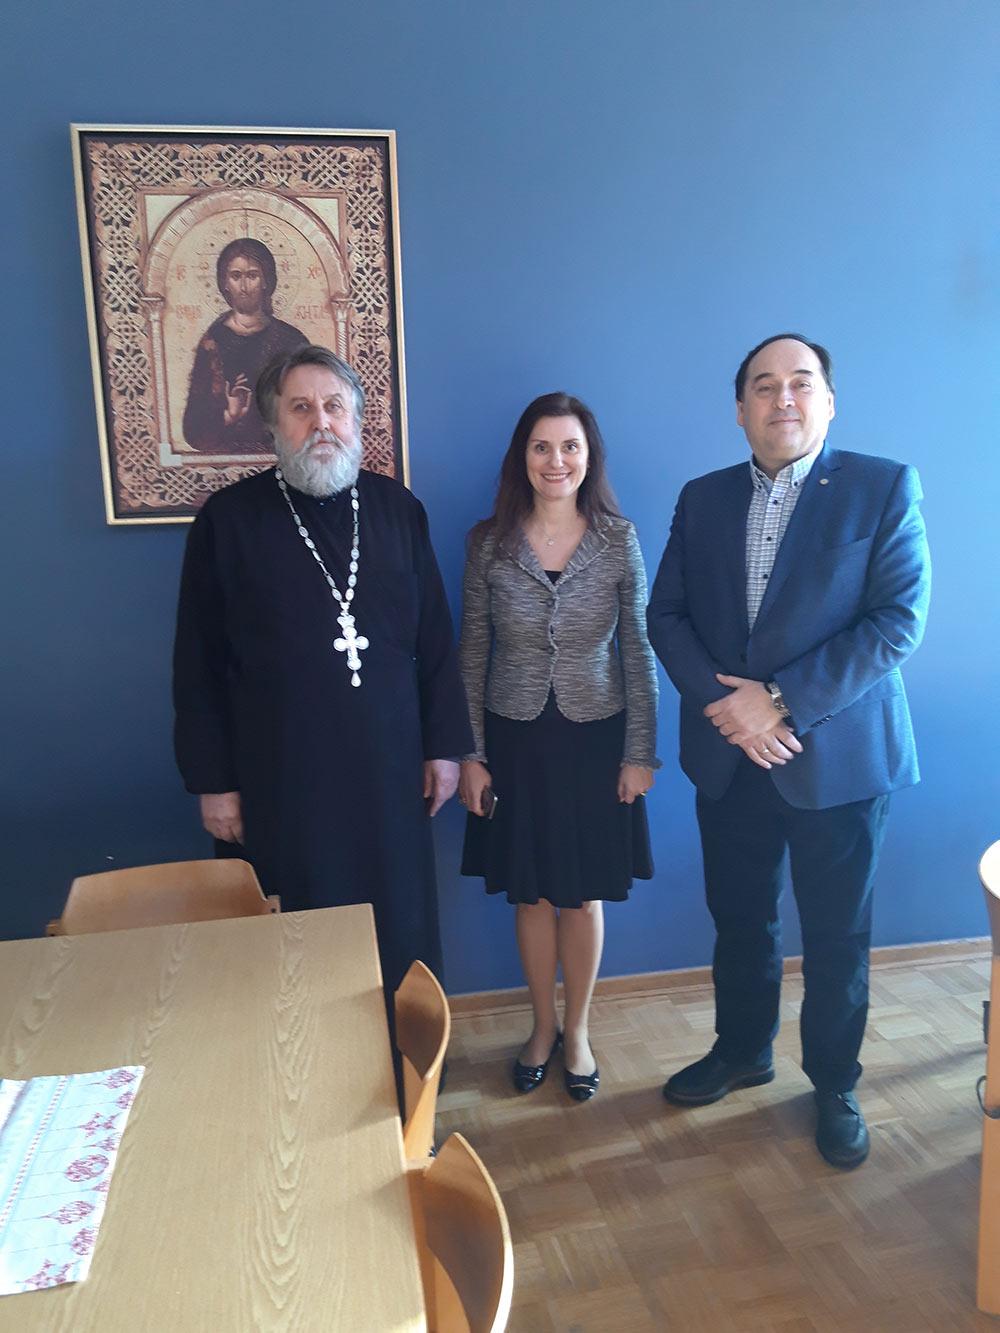 Амбасадорка Србије посетила храм Васкрења Христова